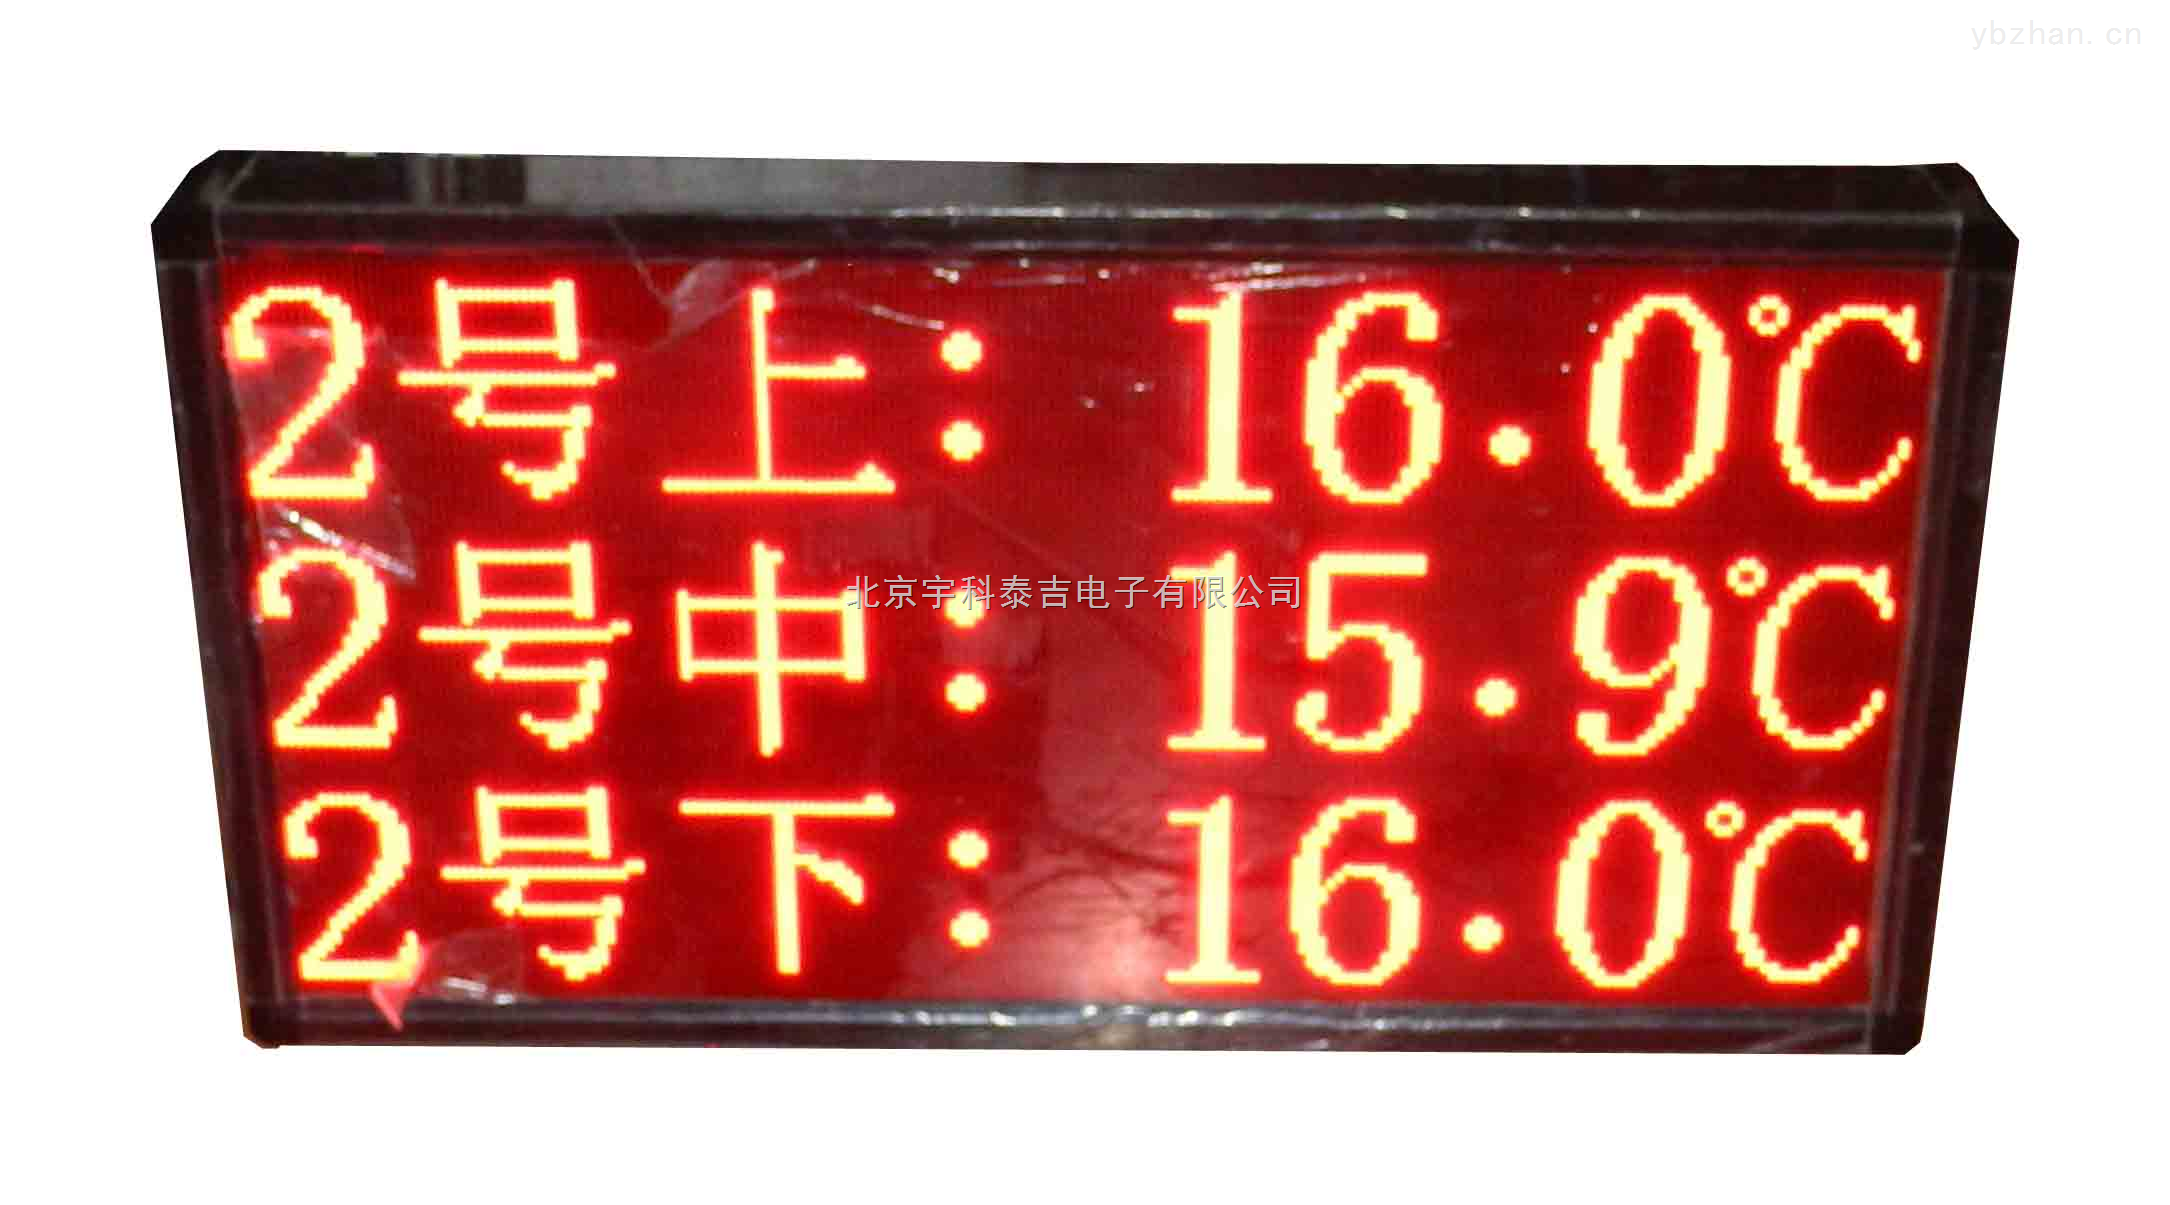 大屏幕溫濕度測控儀